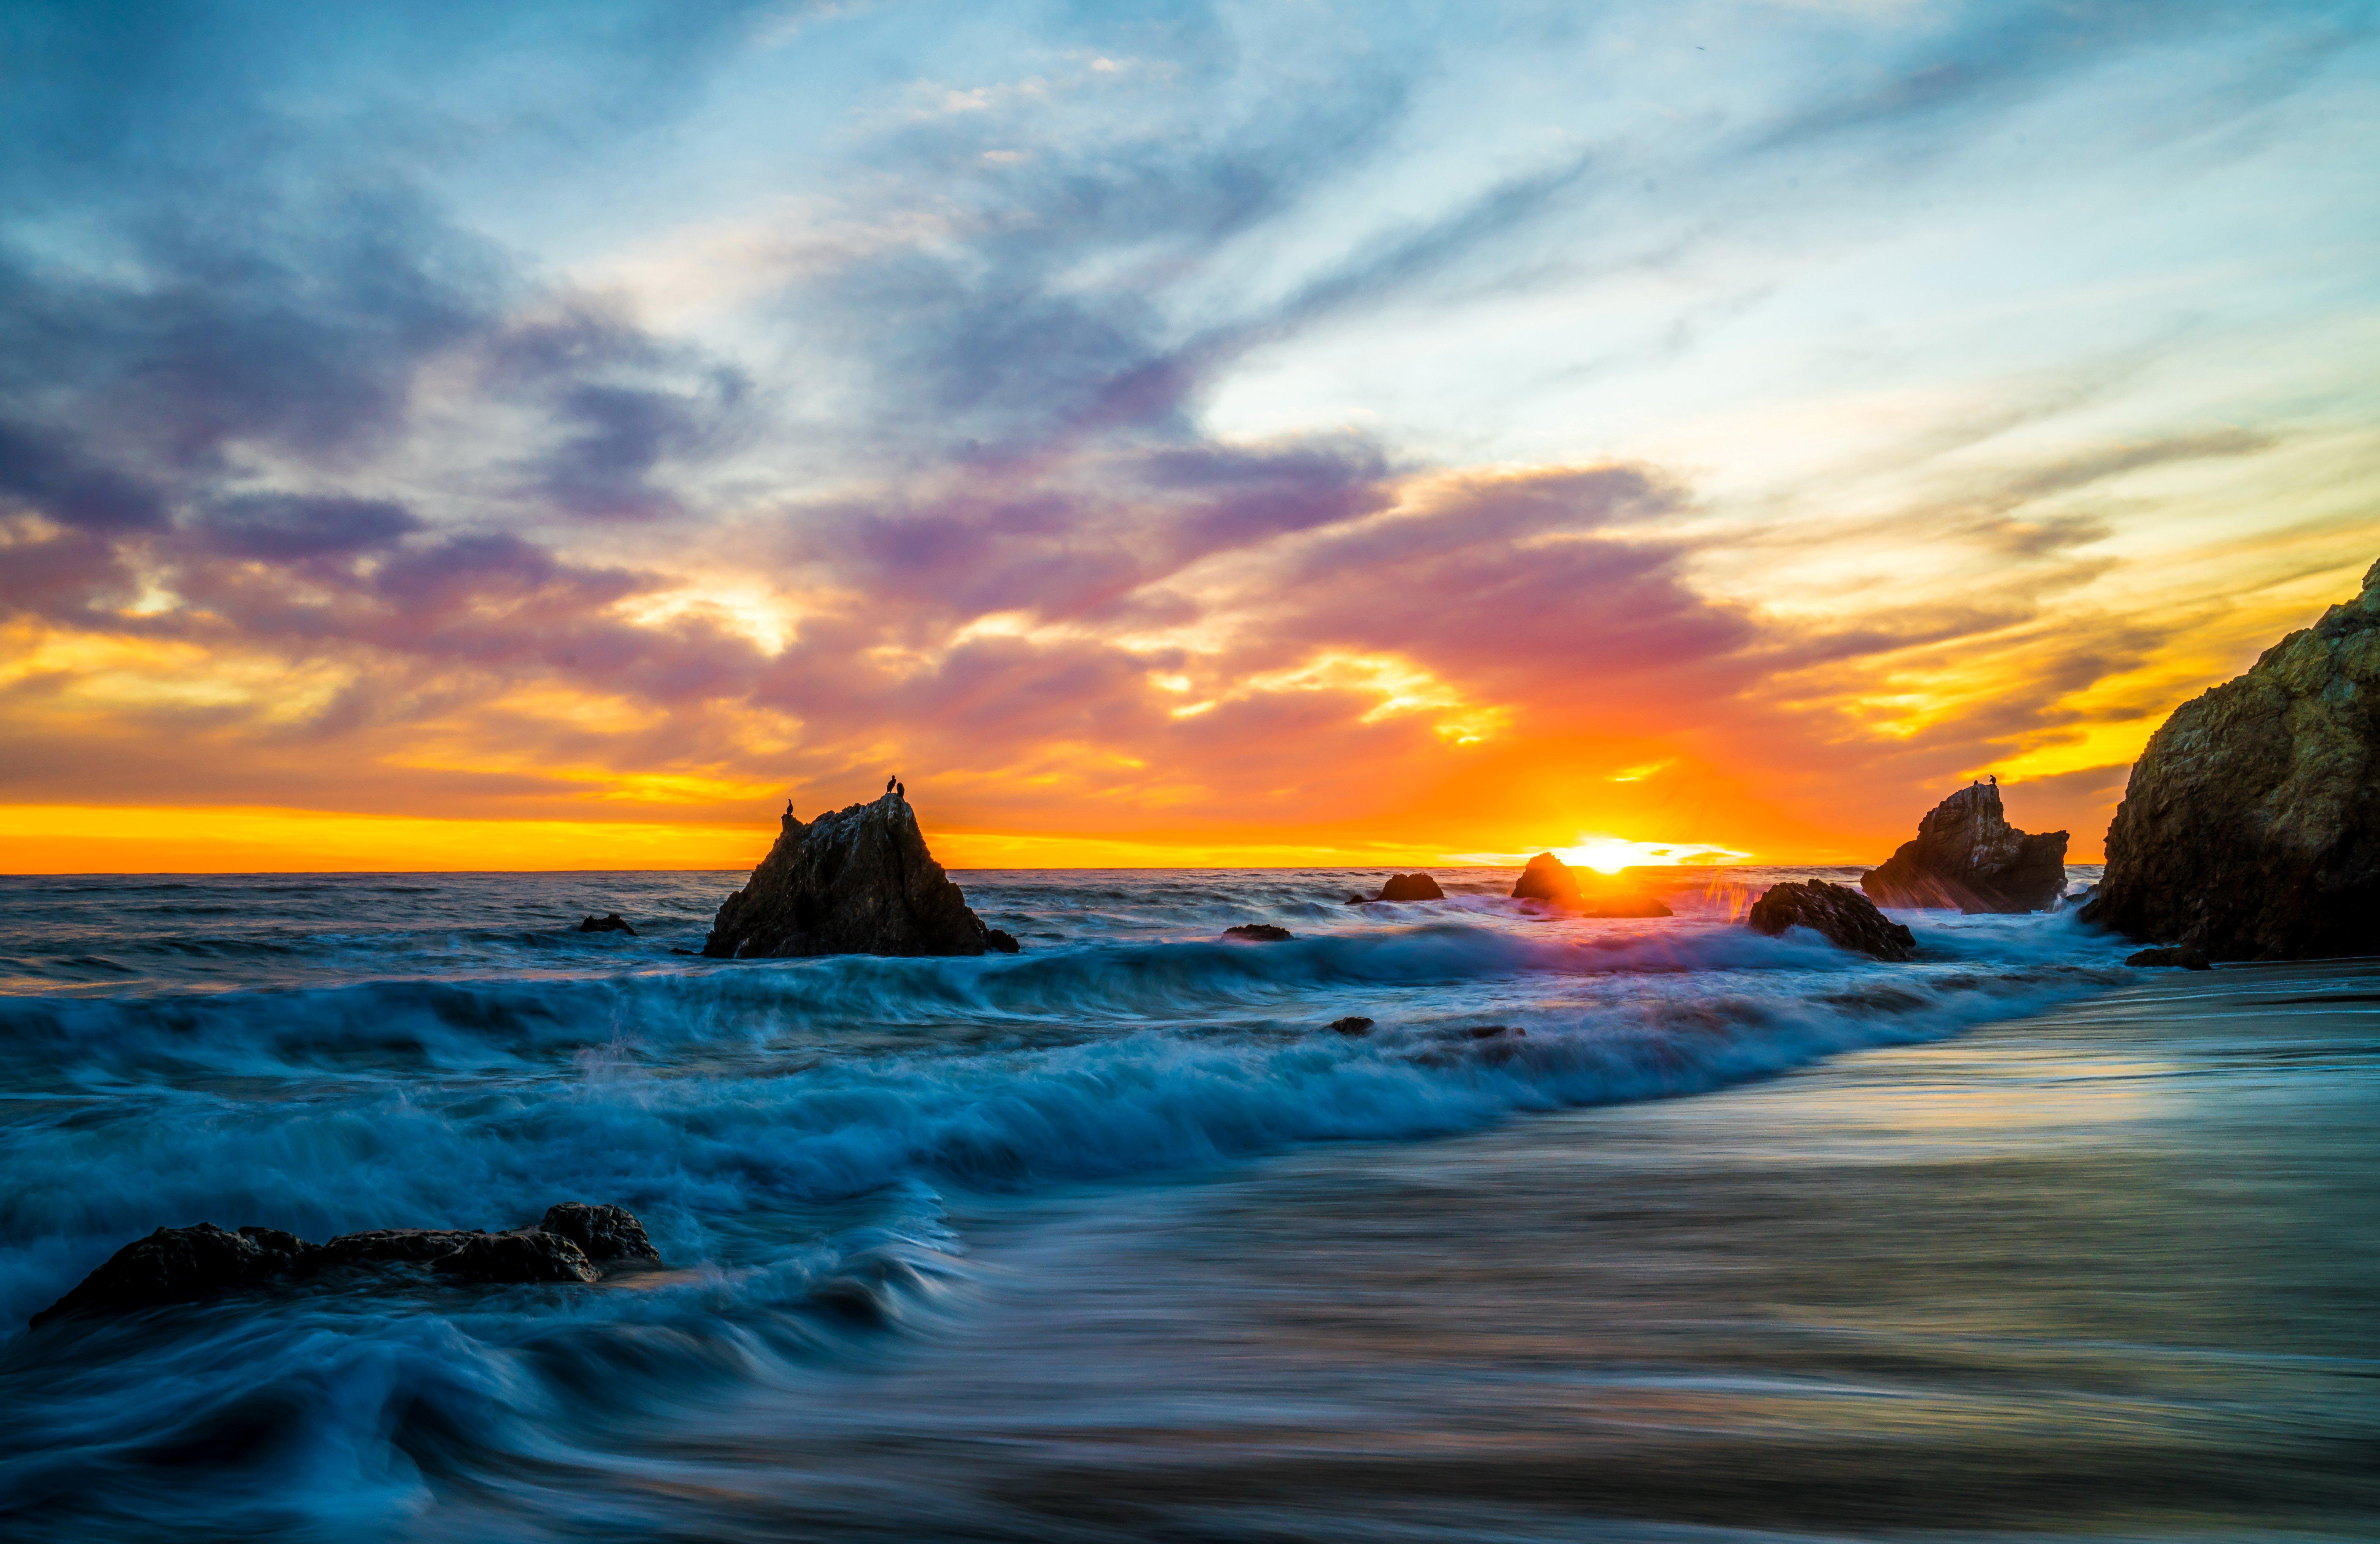 Море закат волна  № 3891463 бесплатно